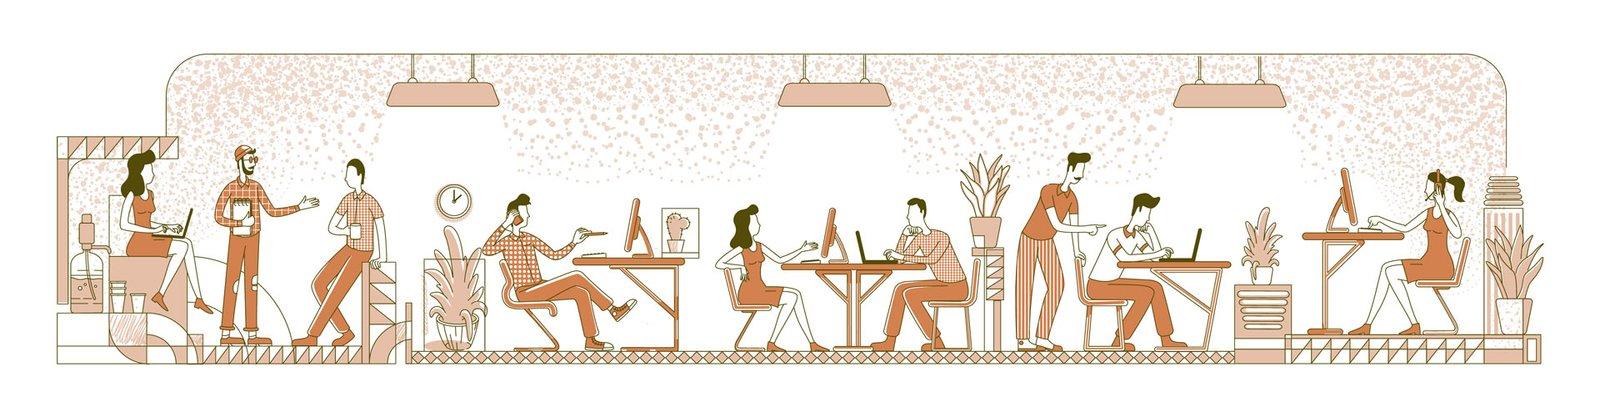 infografía espacios coworking